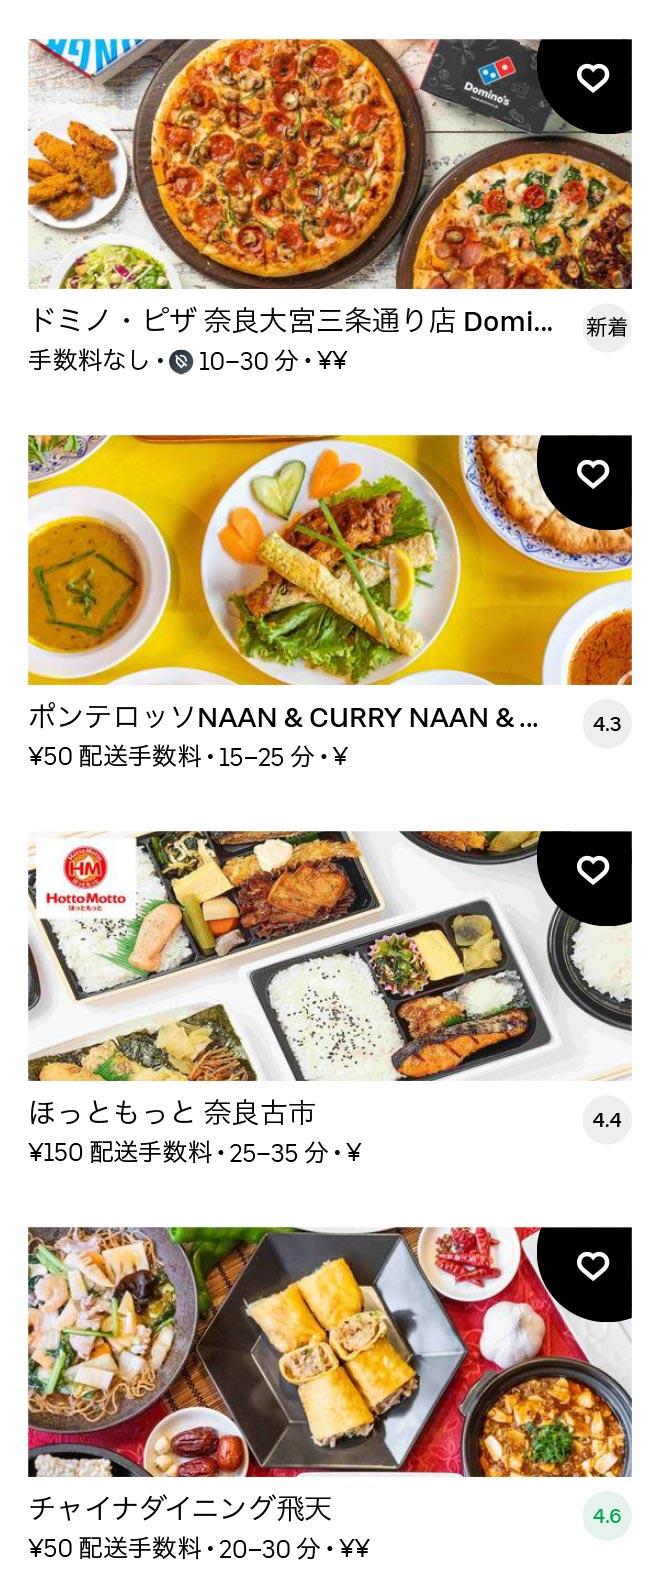 Nara menu 2011 07